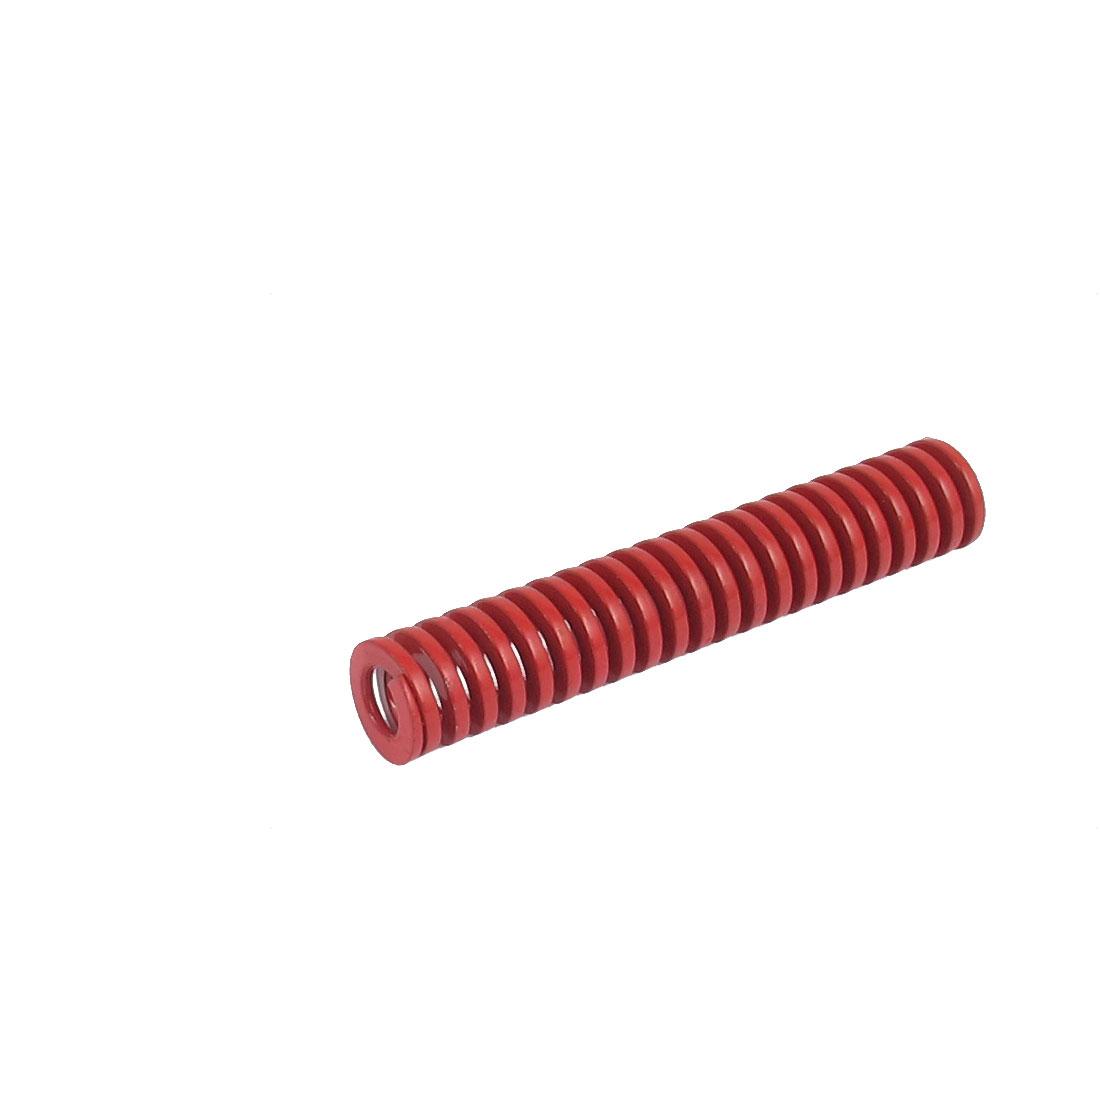 12mmx65mm Chromium Alloy Steel Medium Load Die Spring Red